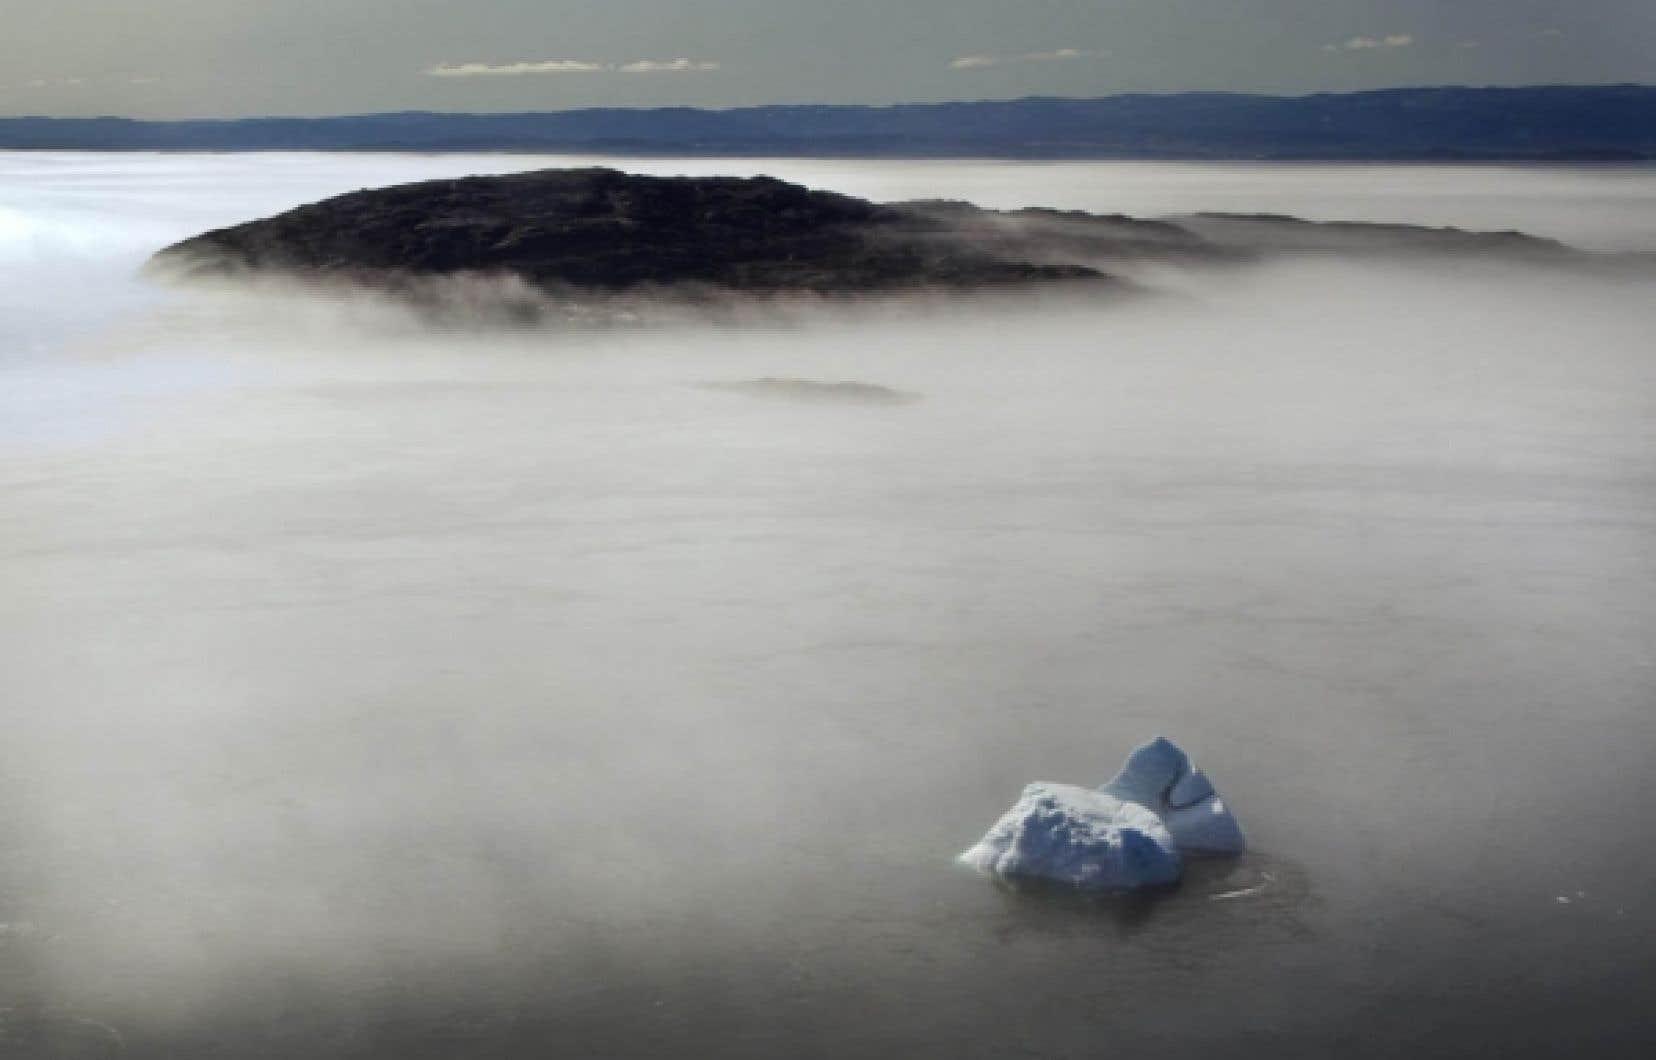 Aucune des îles de la côte ouest, du haut de la pointe de l'Ungava jusqu'au fond de la baie James, n'appartient au Québec: elles font toutes partie intégrante du territoire du Nunavut.<br />